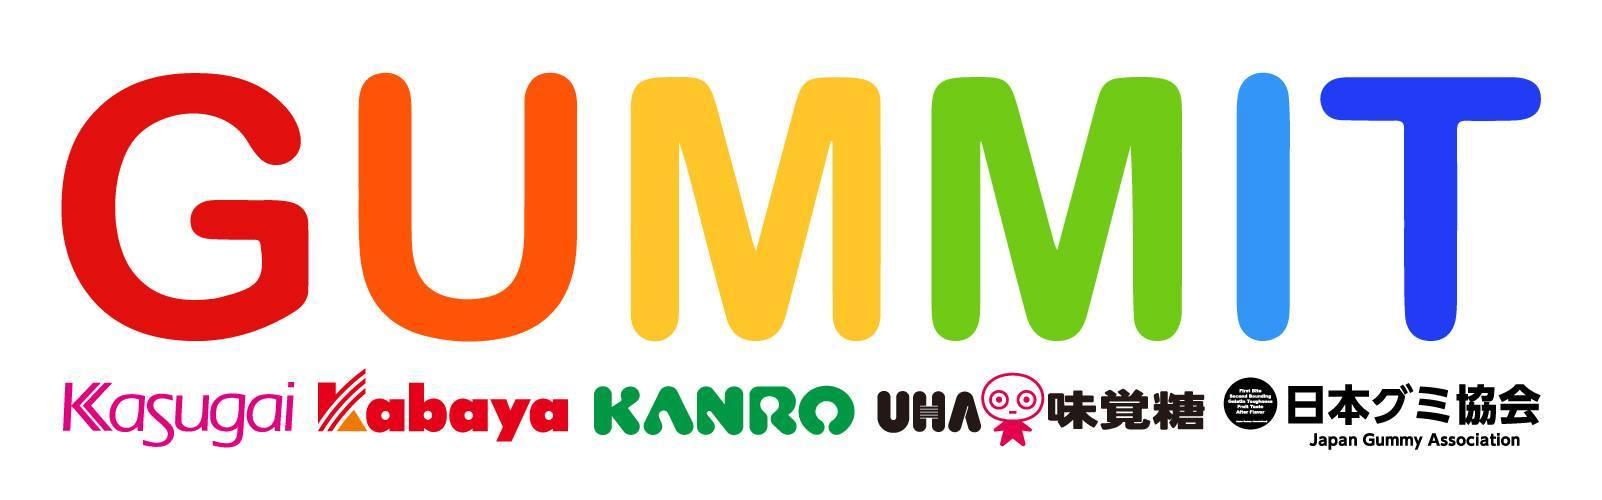 """グミを扱うメーカー4社と日本グミ協会が""""GUMMIT""""を発足!イベント""""公開GUMMIT""""を8月4日に実施 """"9月3日のグミの日""""に向けた共同プロモーションを発表!"""